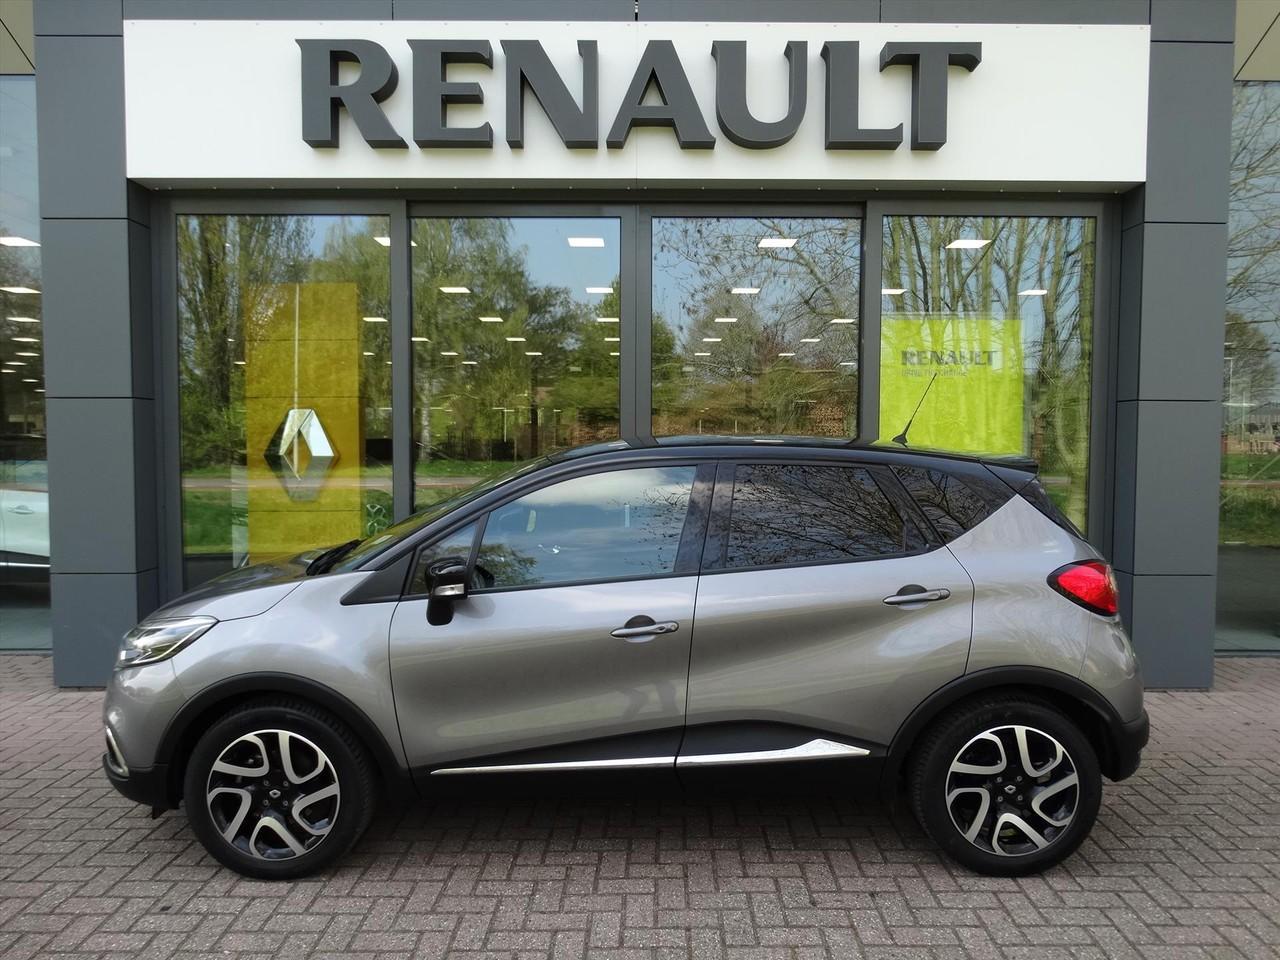 Renault Captur 1.2 tce 120 pk edc dynamique (automaat)